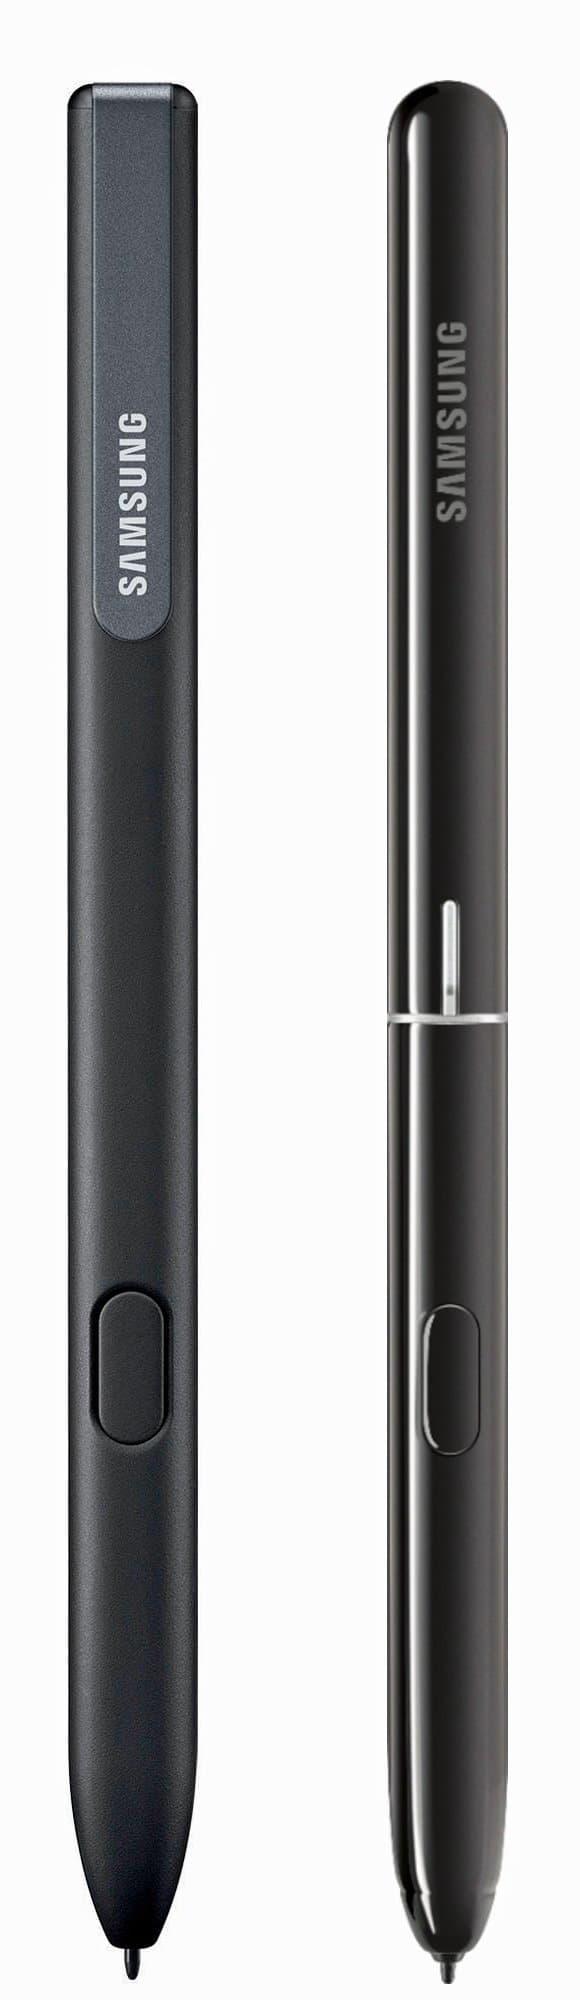 Galaxy Tab S4 S Pen render leak 1111